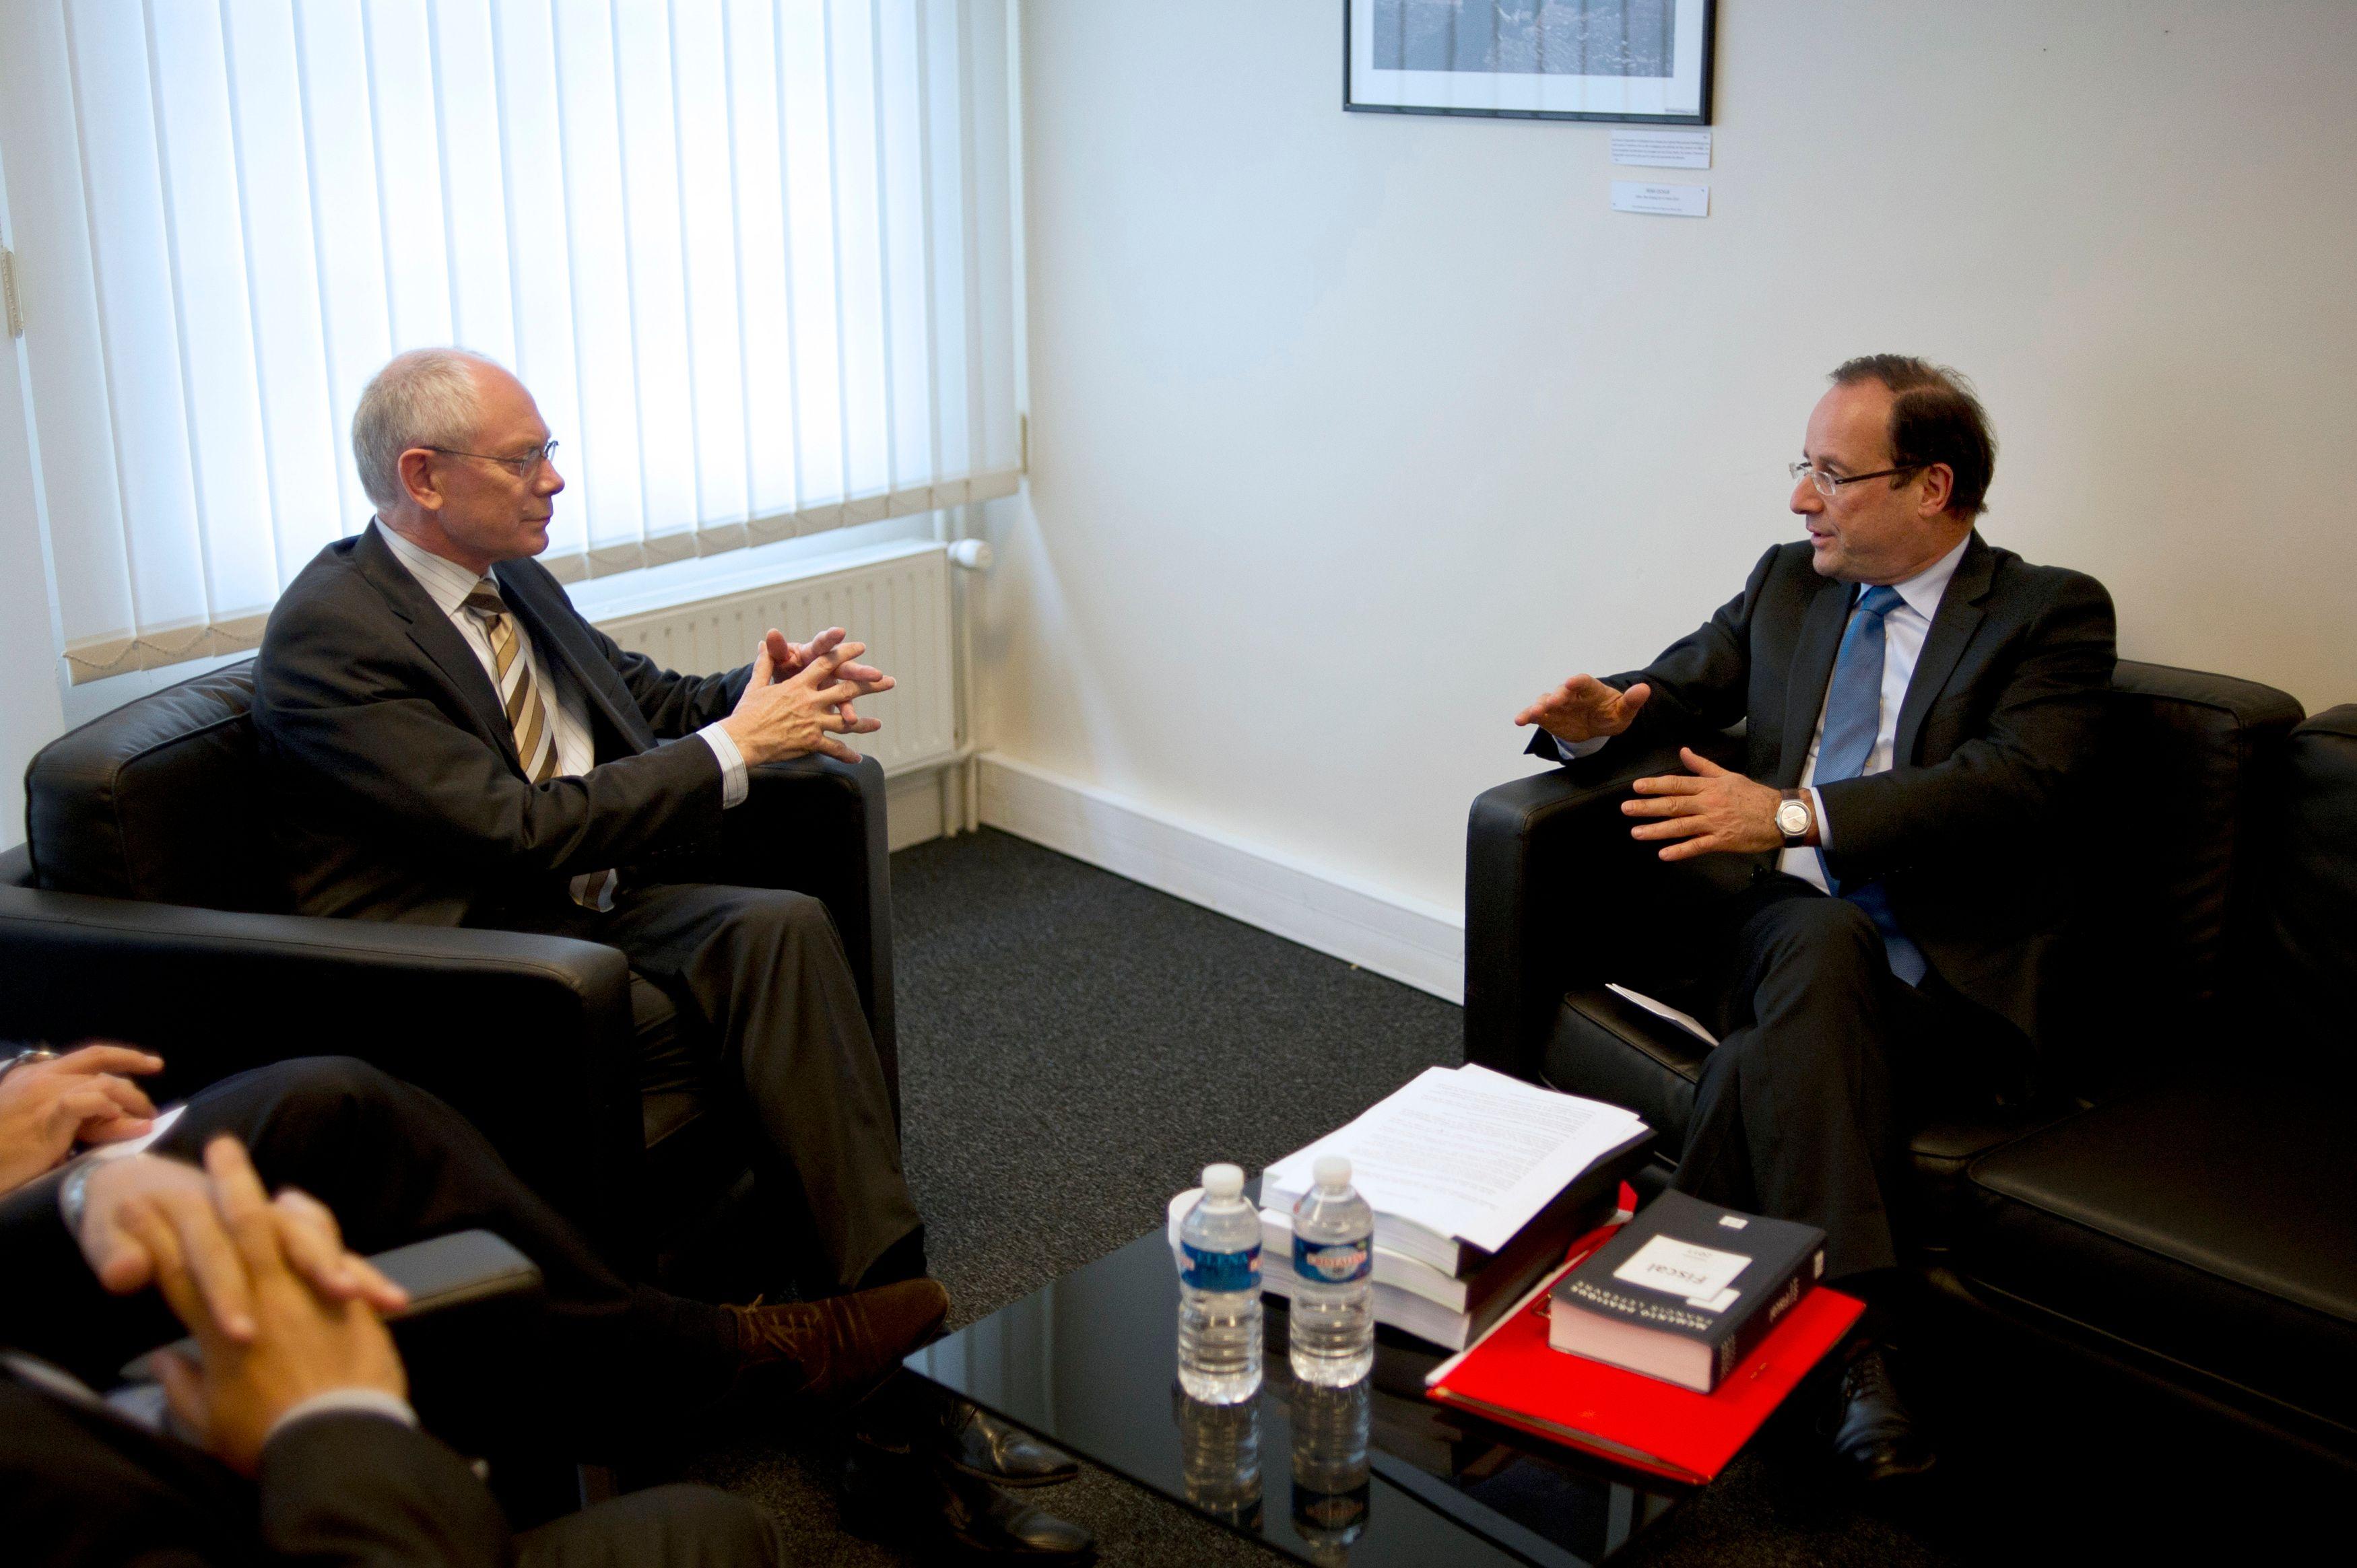 Pour la première fois dans l'histoire, Herman Van Rompuy, président de l'Union européenne est venu rencontrer à Paris un Président élu avant même son investiture.